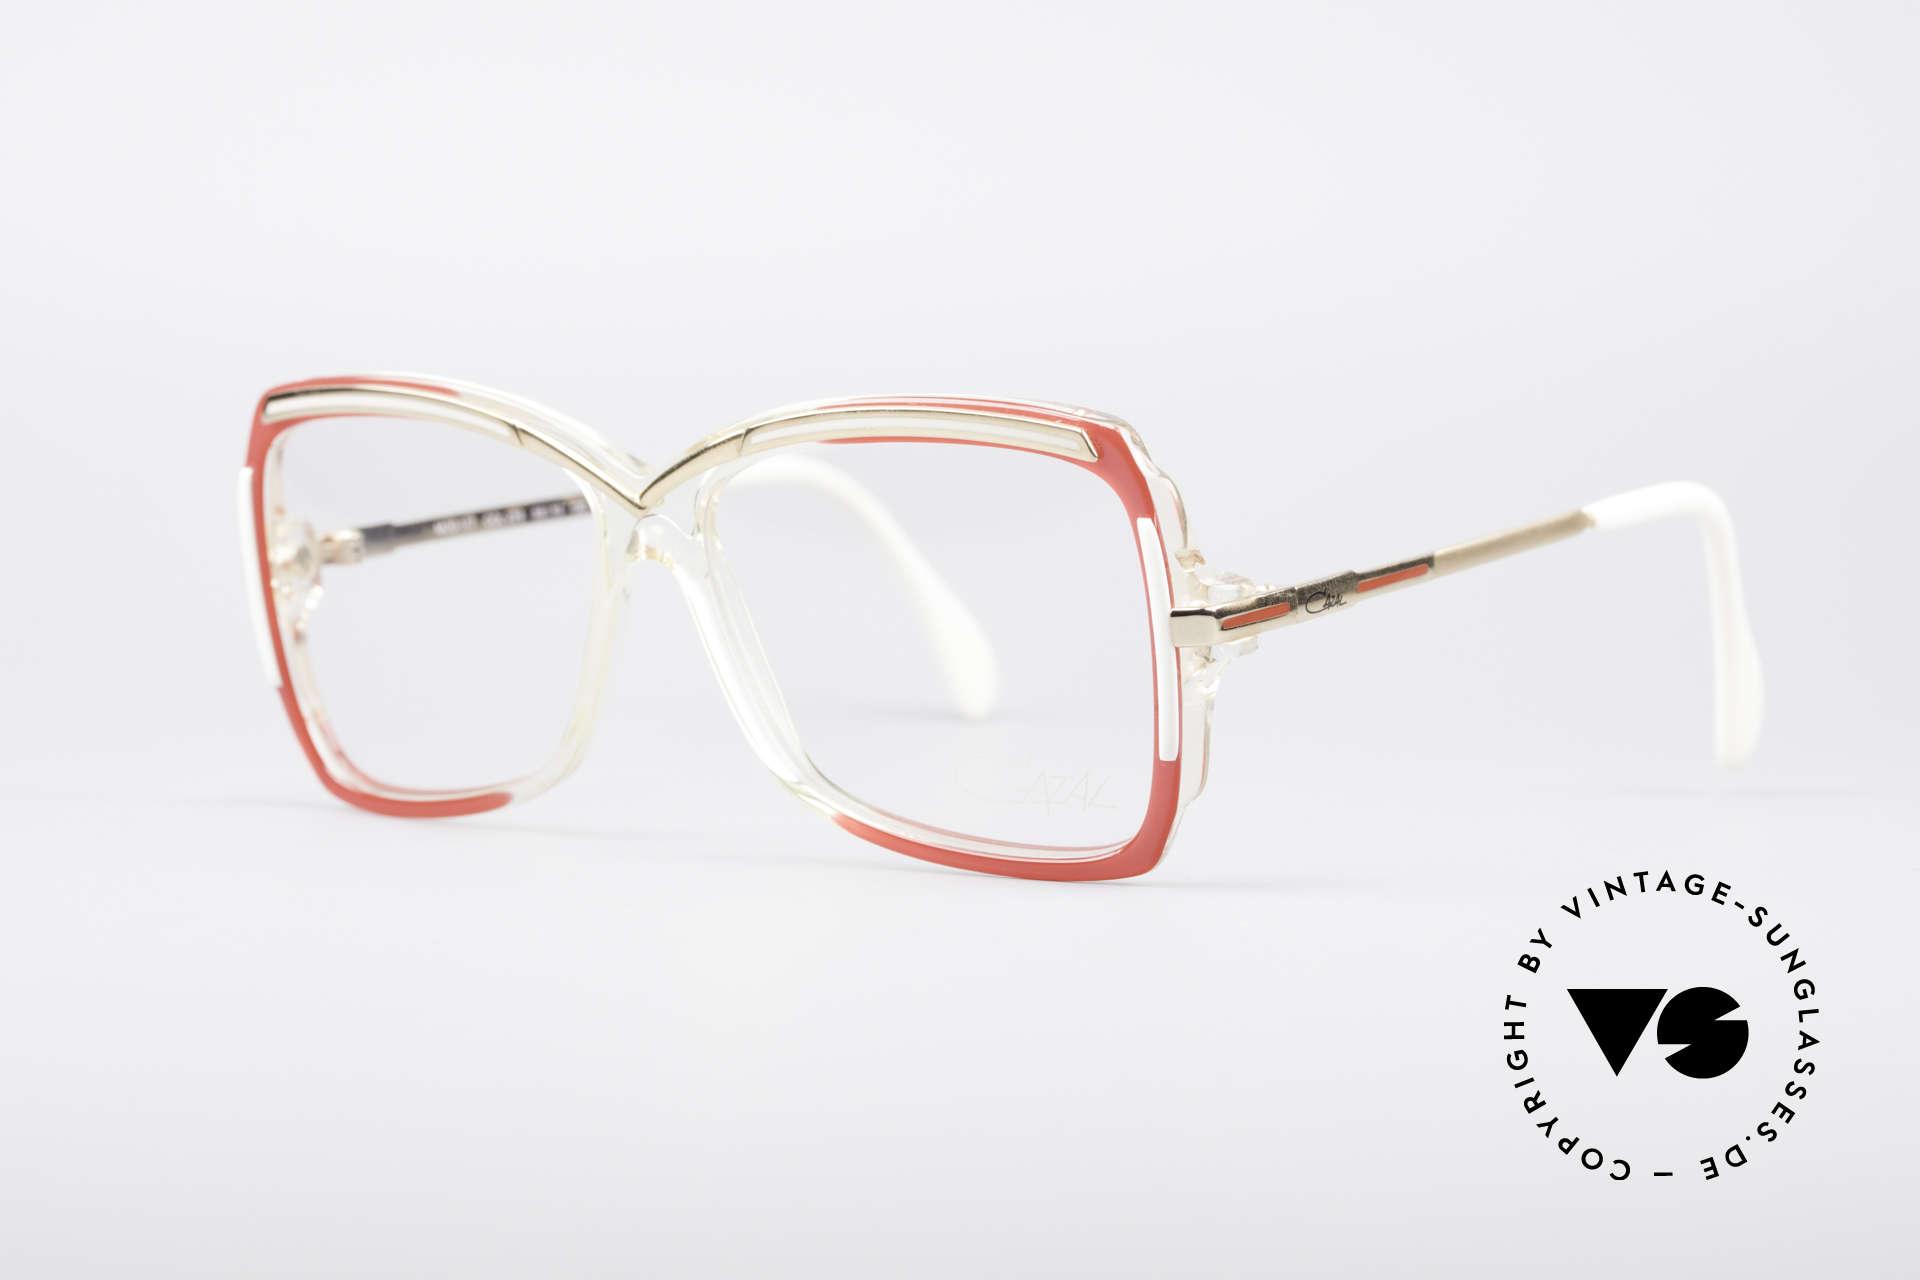 Cazal 177 80er Designerbrille, Rahmen in kristall-rot-weiss-gold (Designerstück), Passend für Damen